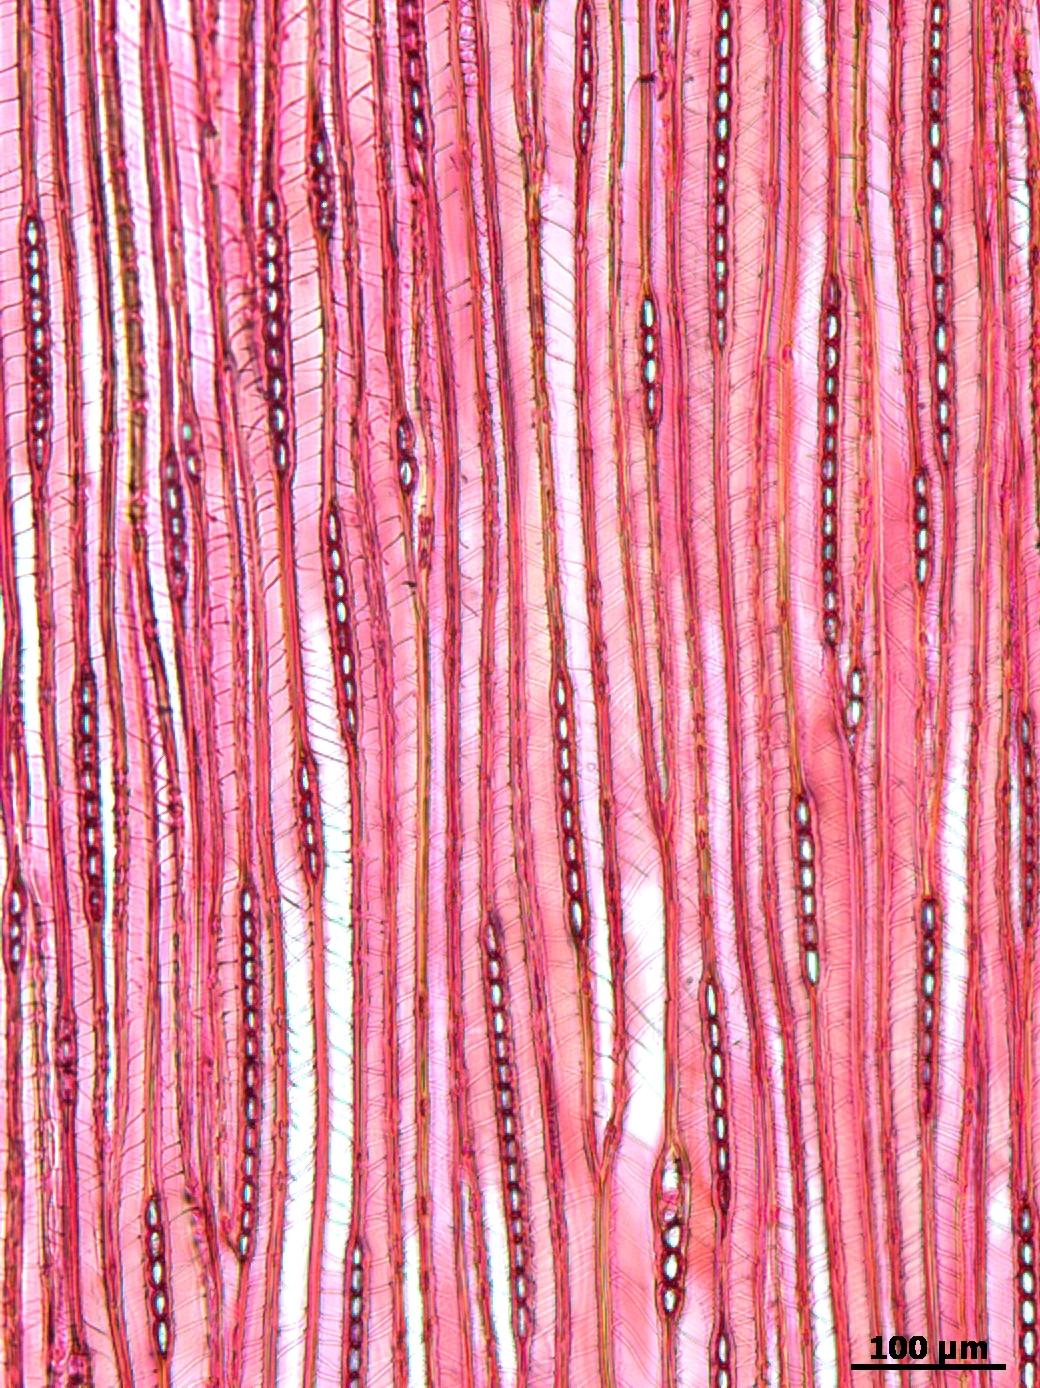 TAXACEAE Taxus cuspidata